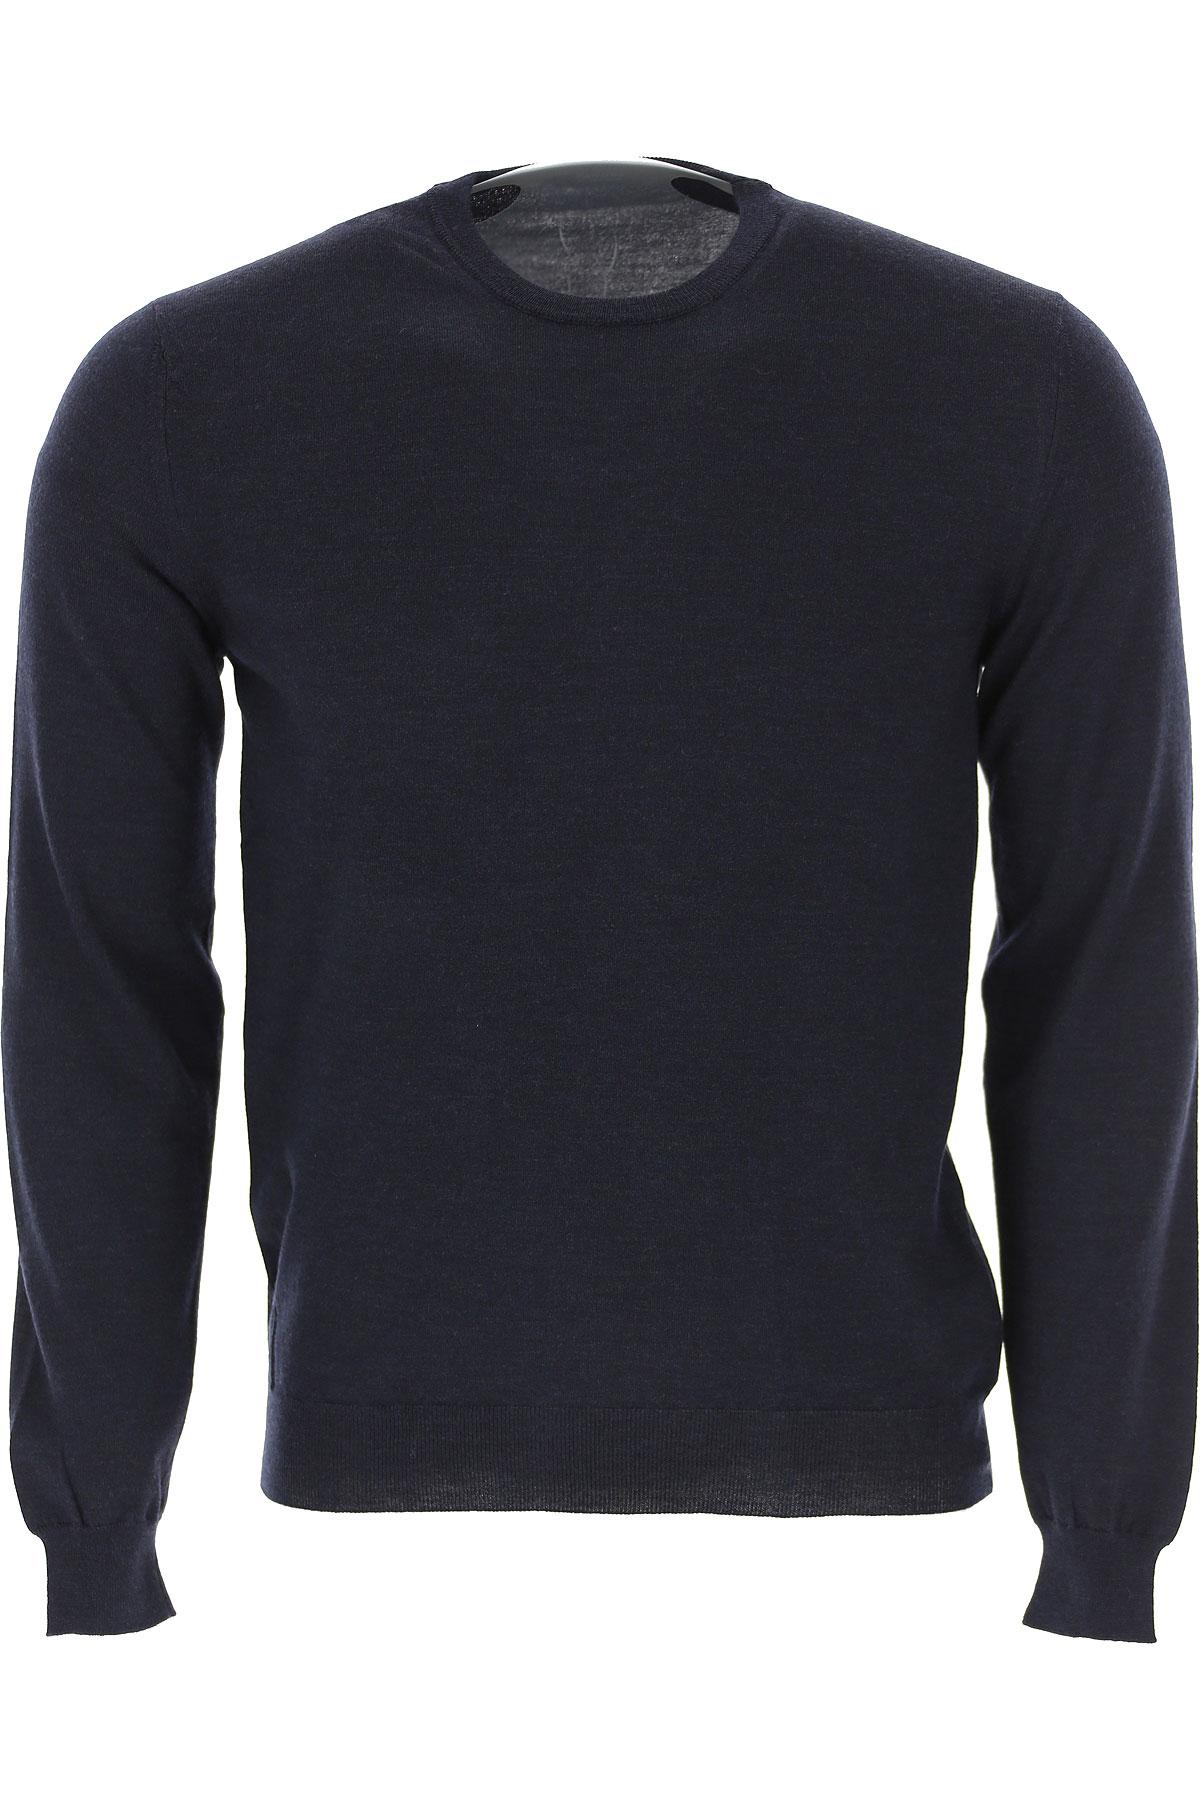 Zanone Sweater for Men Jumper On Sale, Dark Blue, Virgin wool, 2019, L M S